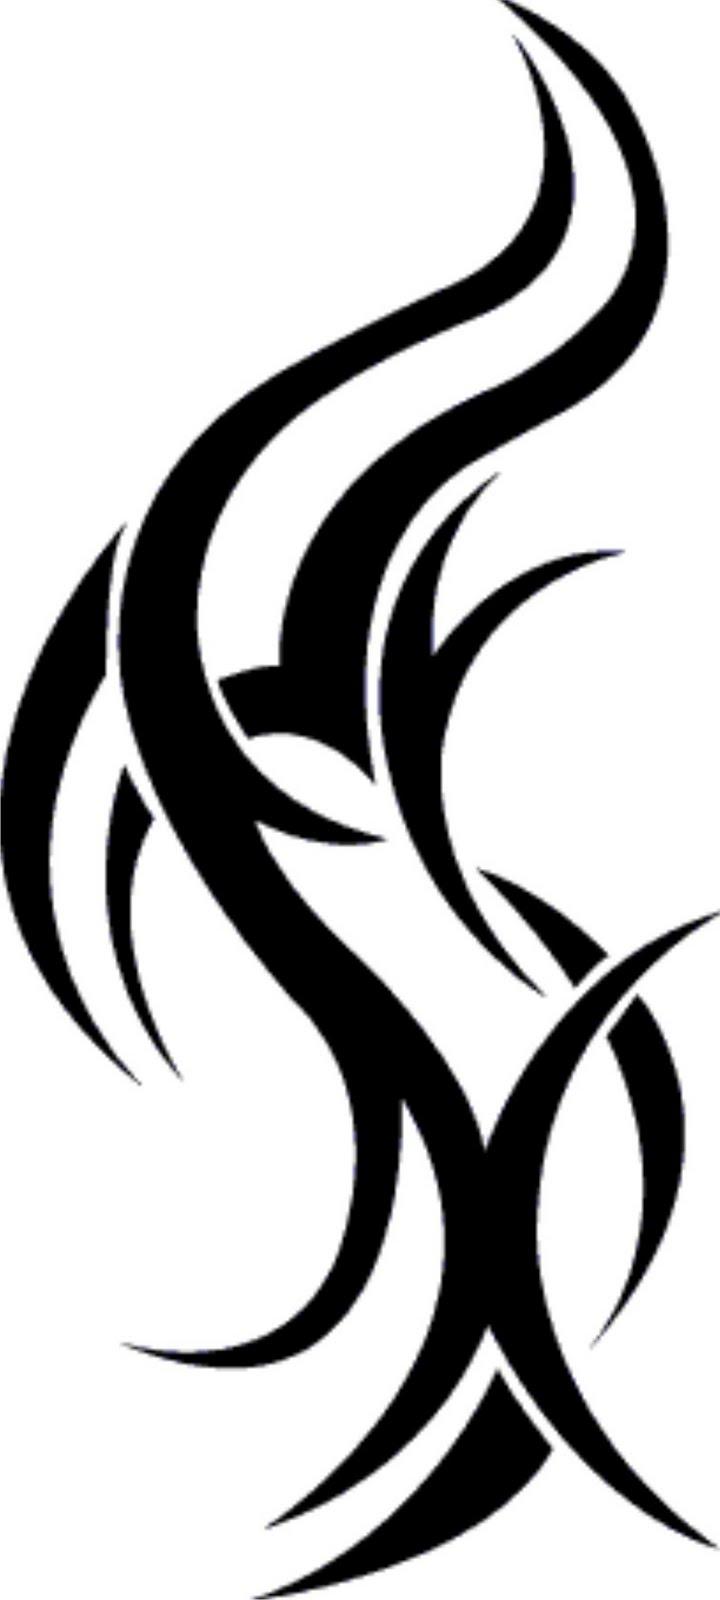 decorative corner design clip art at clker com vector clip.